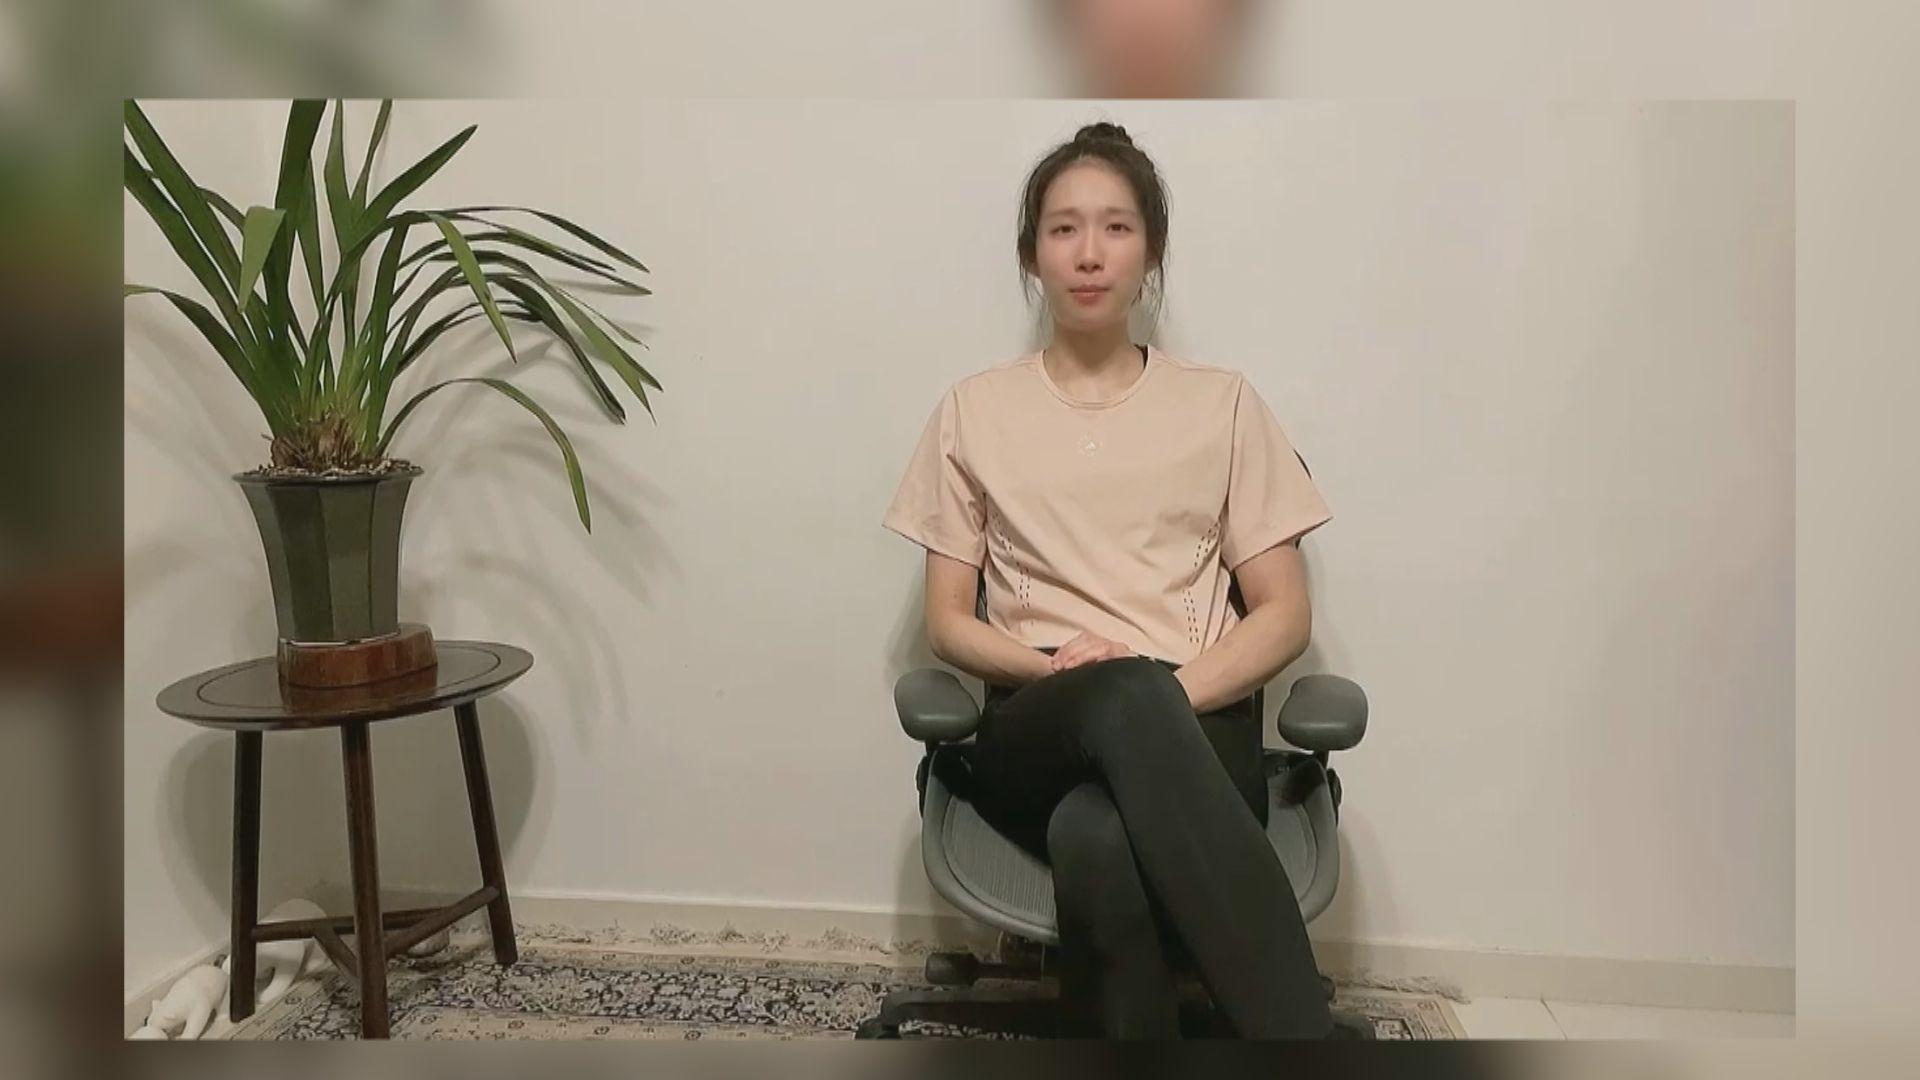 港隊代表︰感謝政府購東京奧運轉播權 可感受市民支持